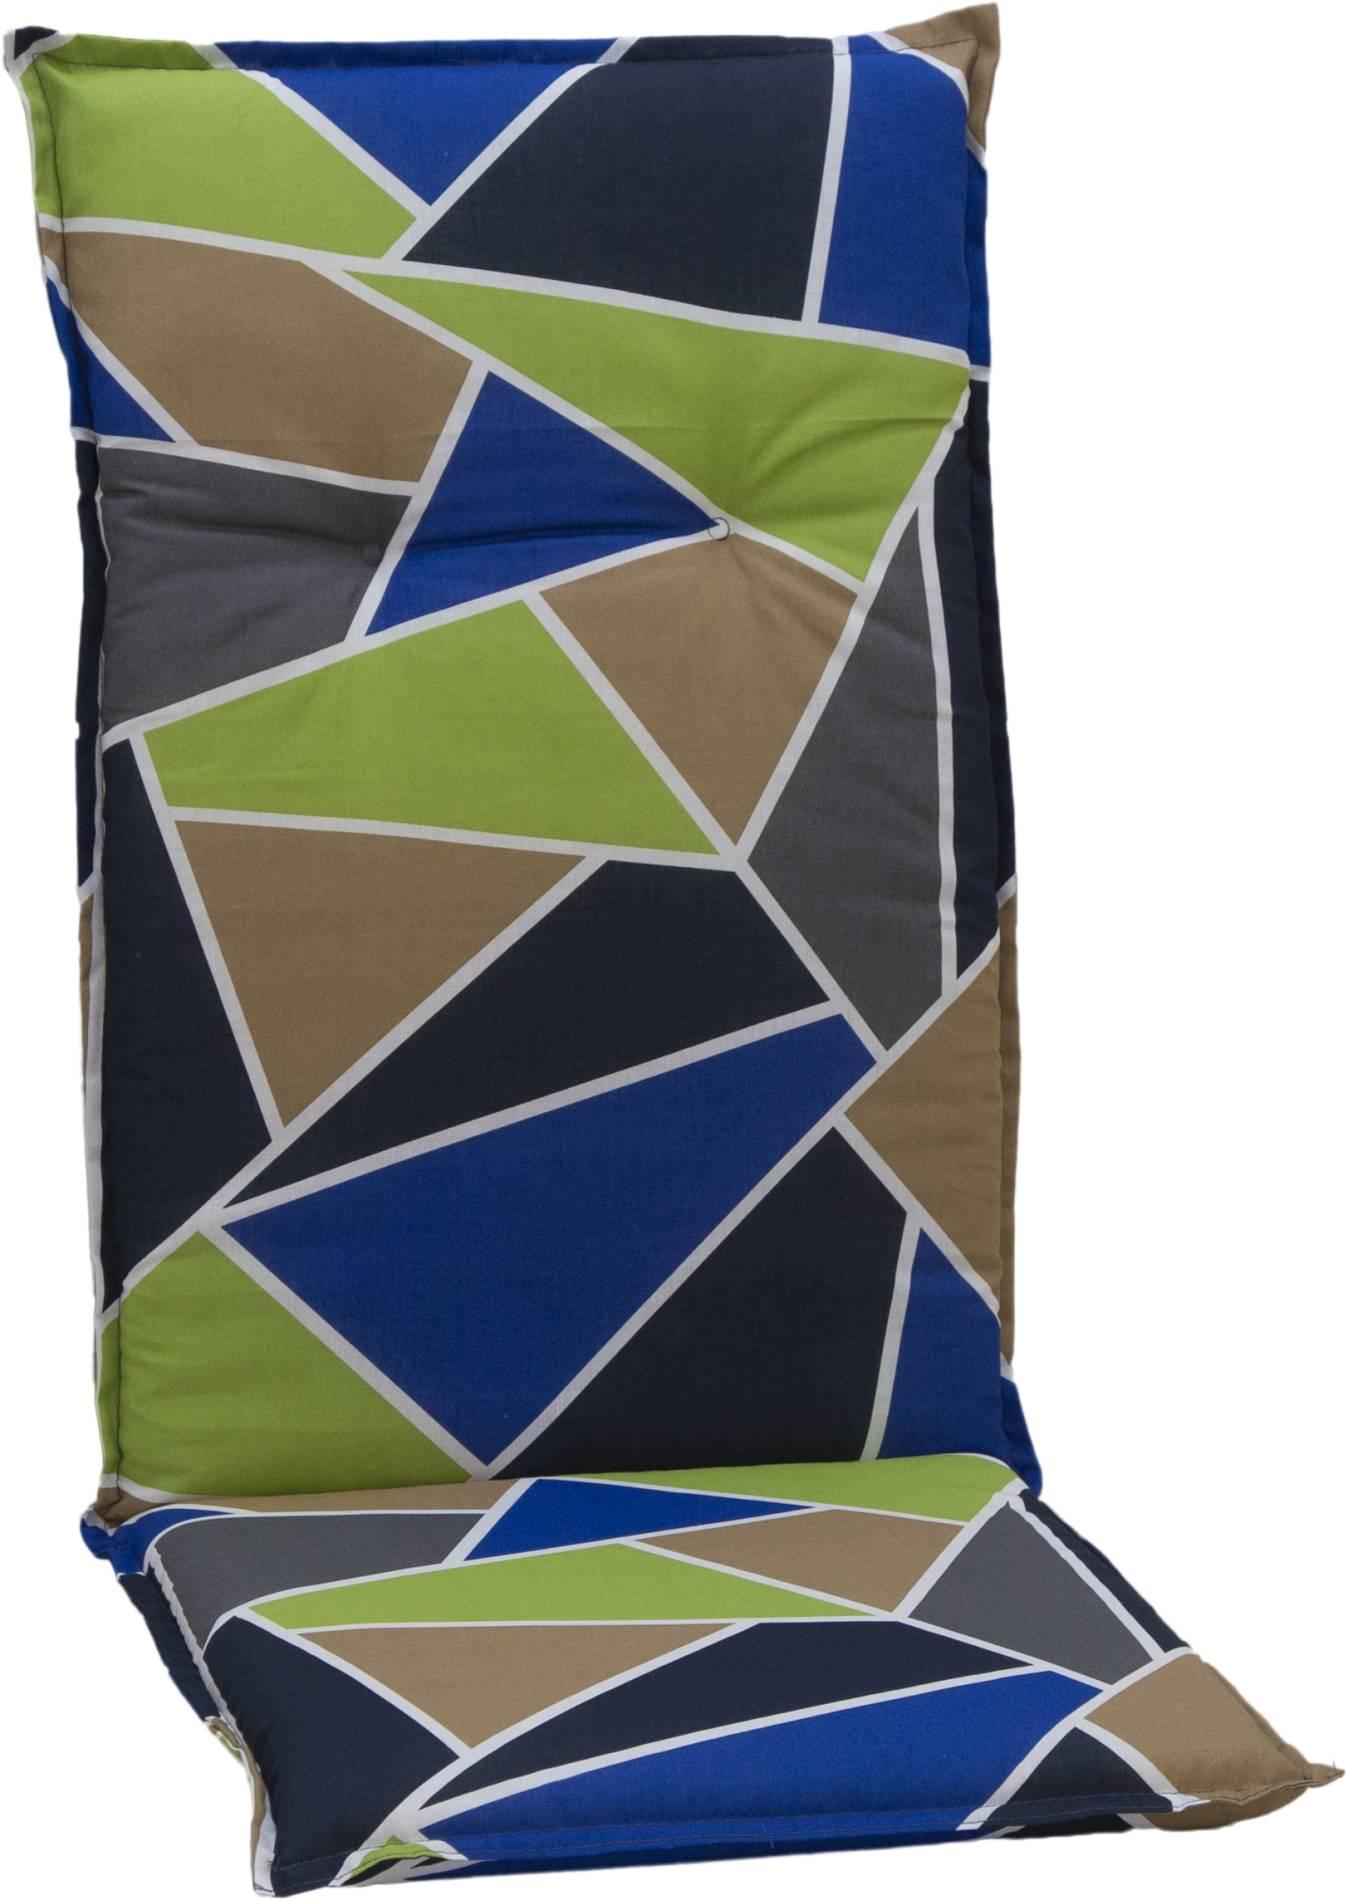 beo Gartenmöbel Auflage bunte Dreiecke für Hochlehner Bilbao M653